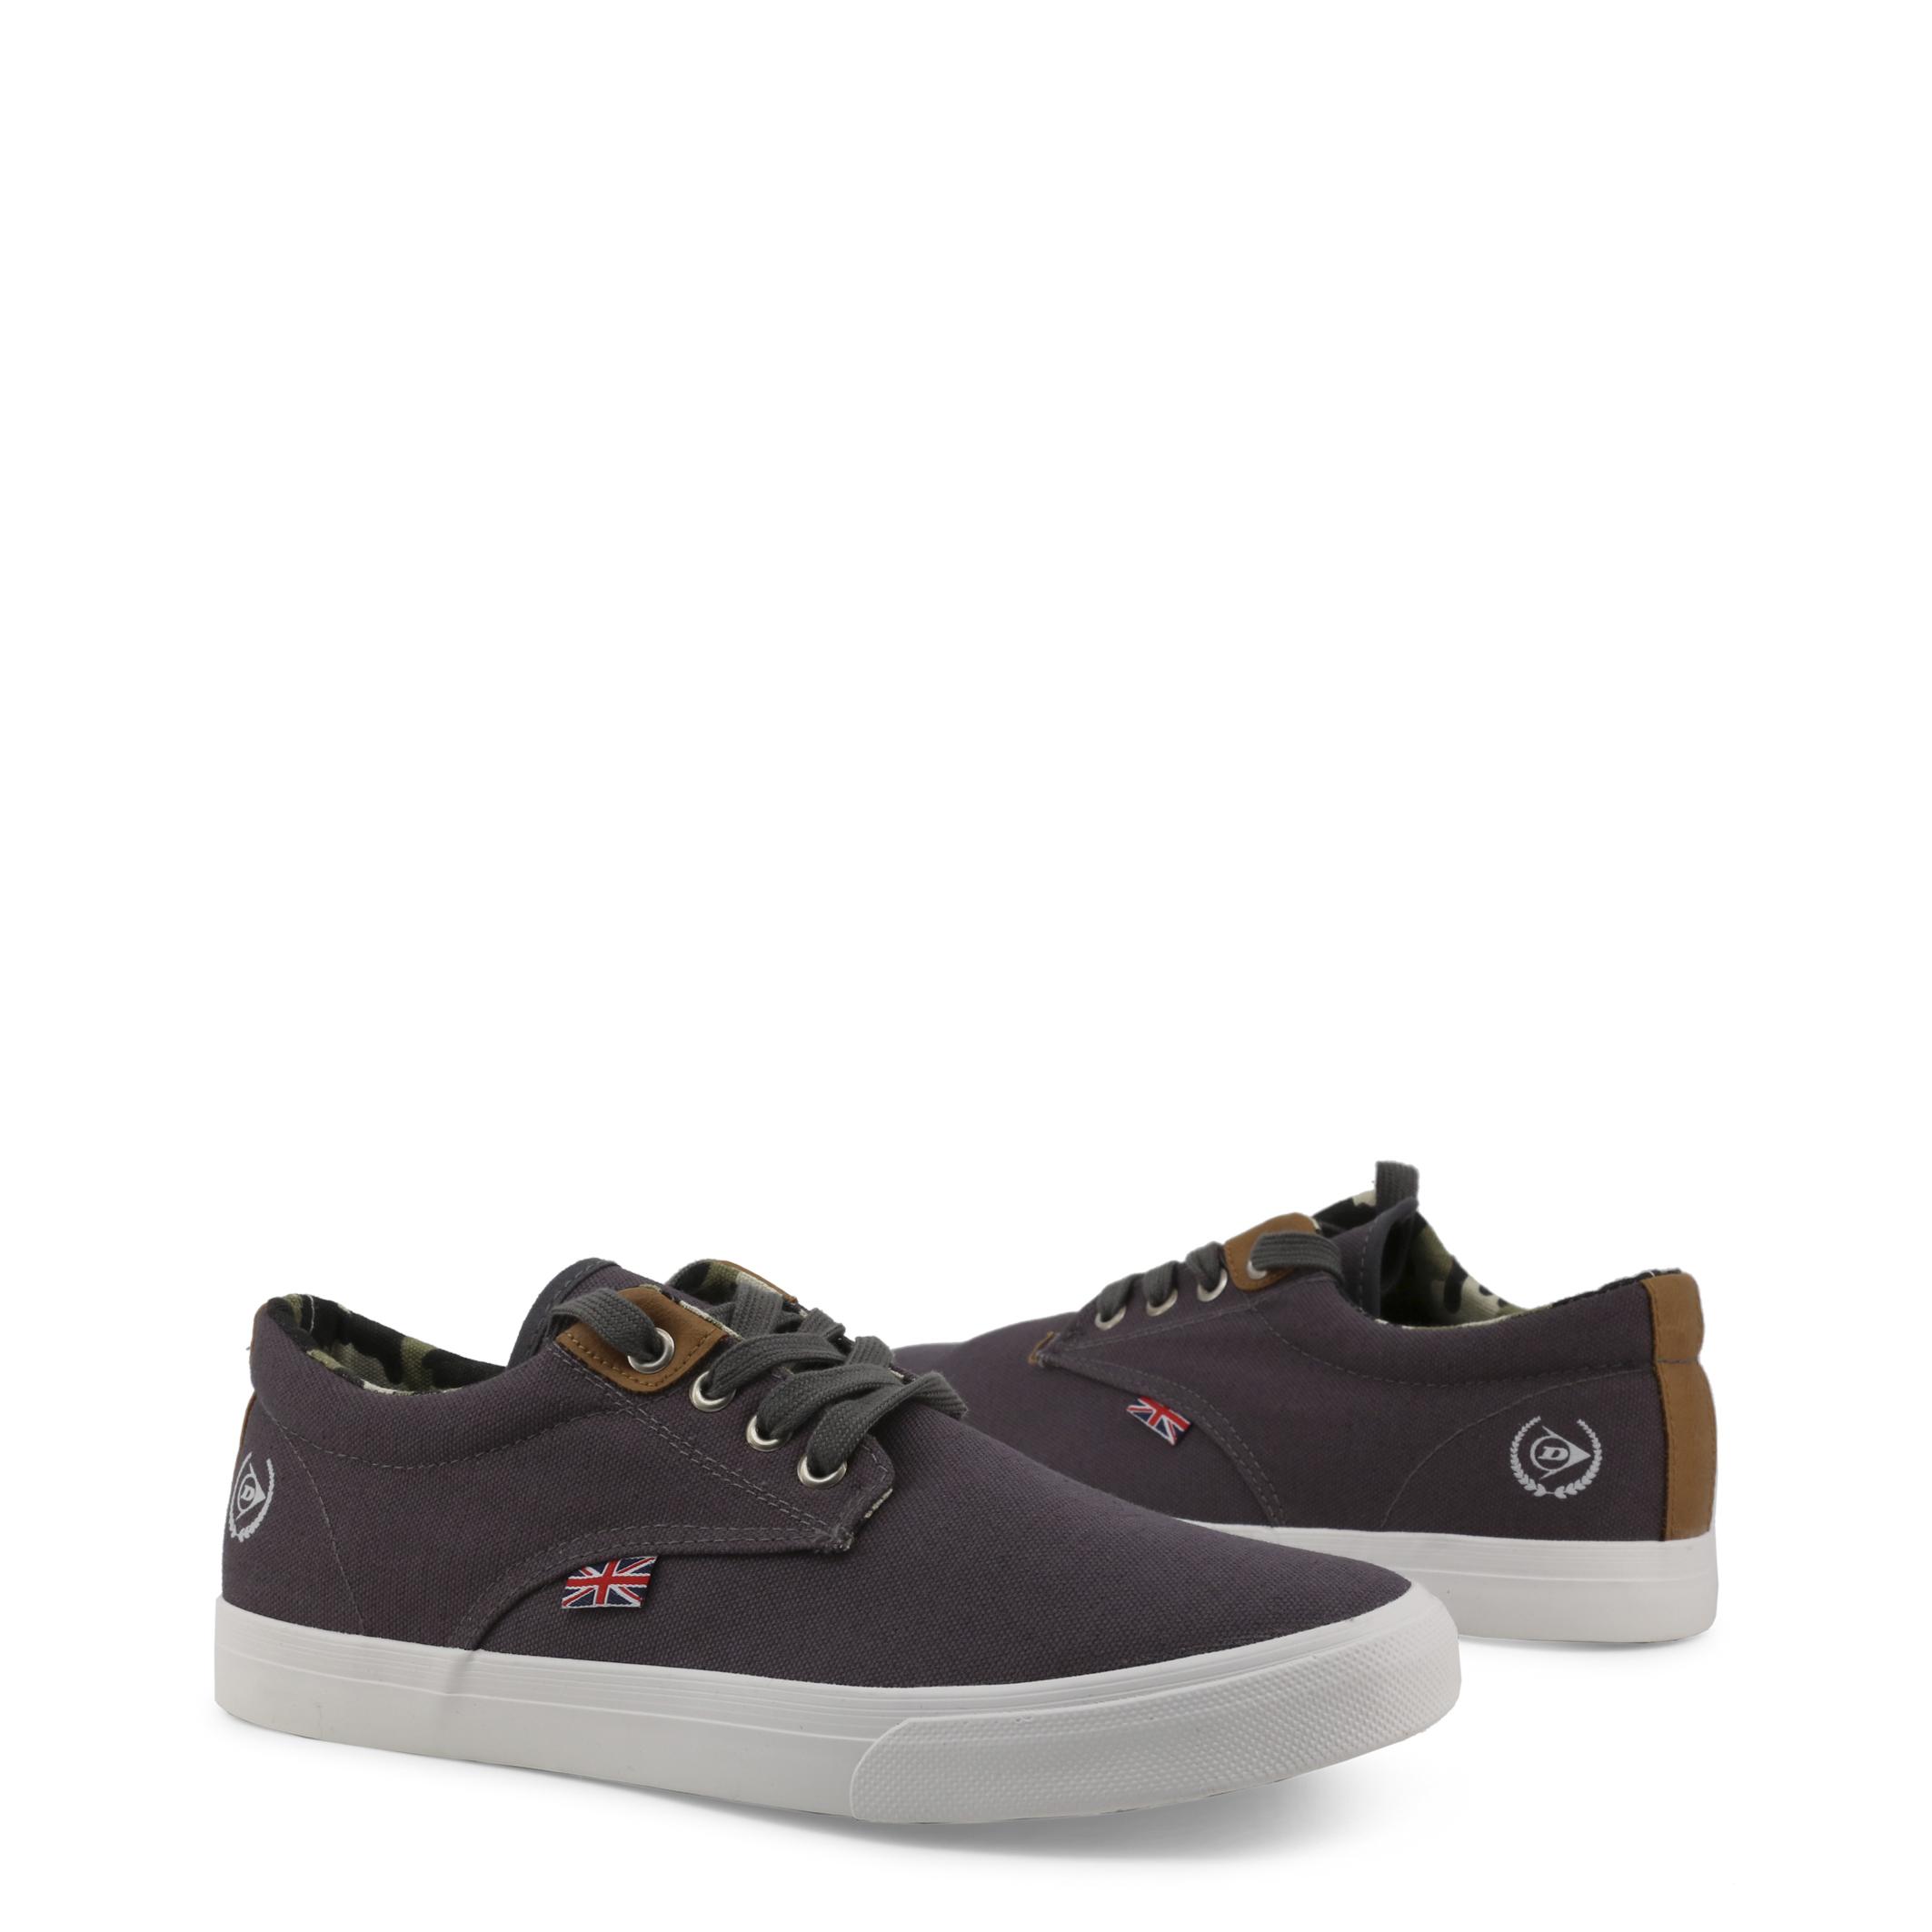 Chaussures de ville  Dunlop 35379 grey